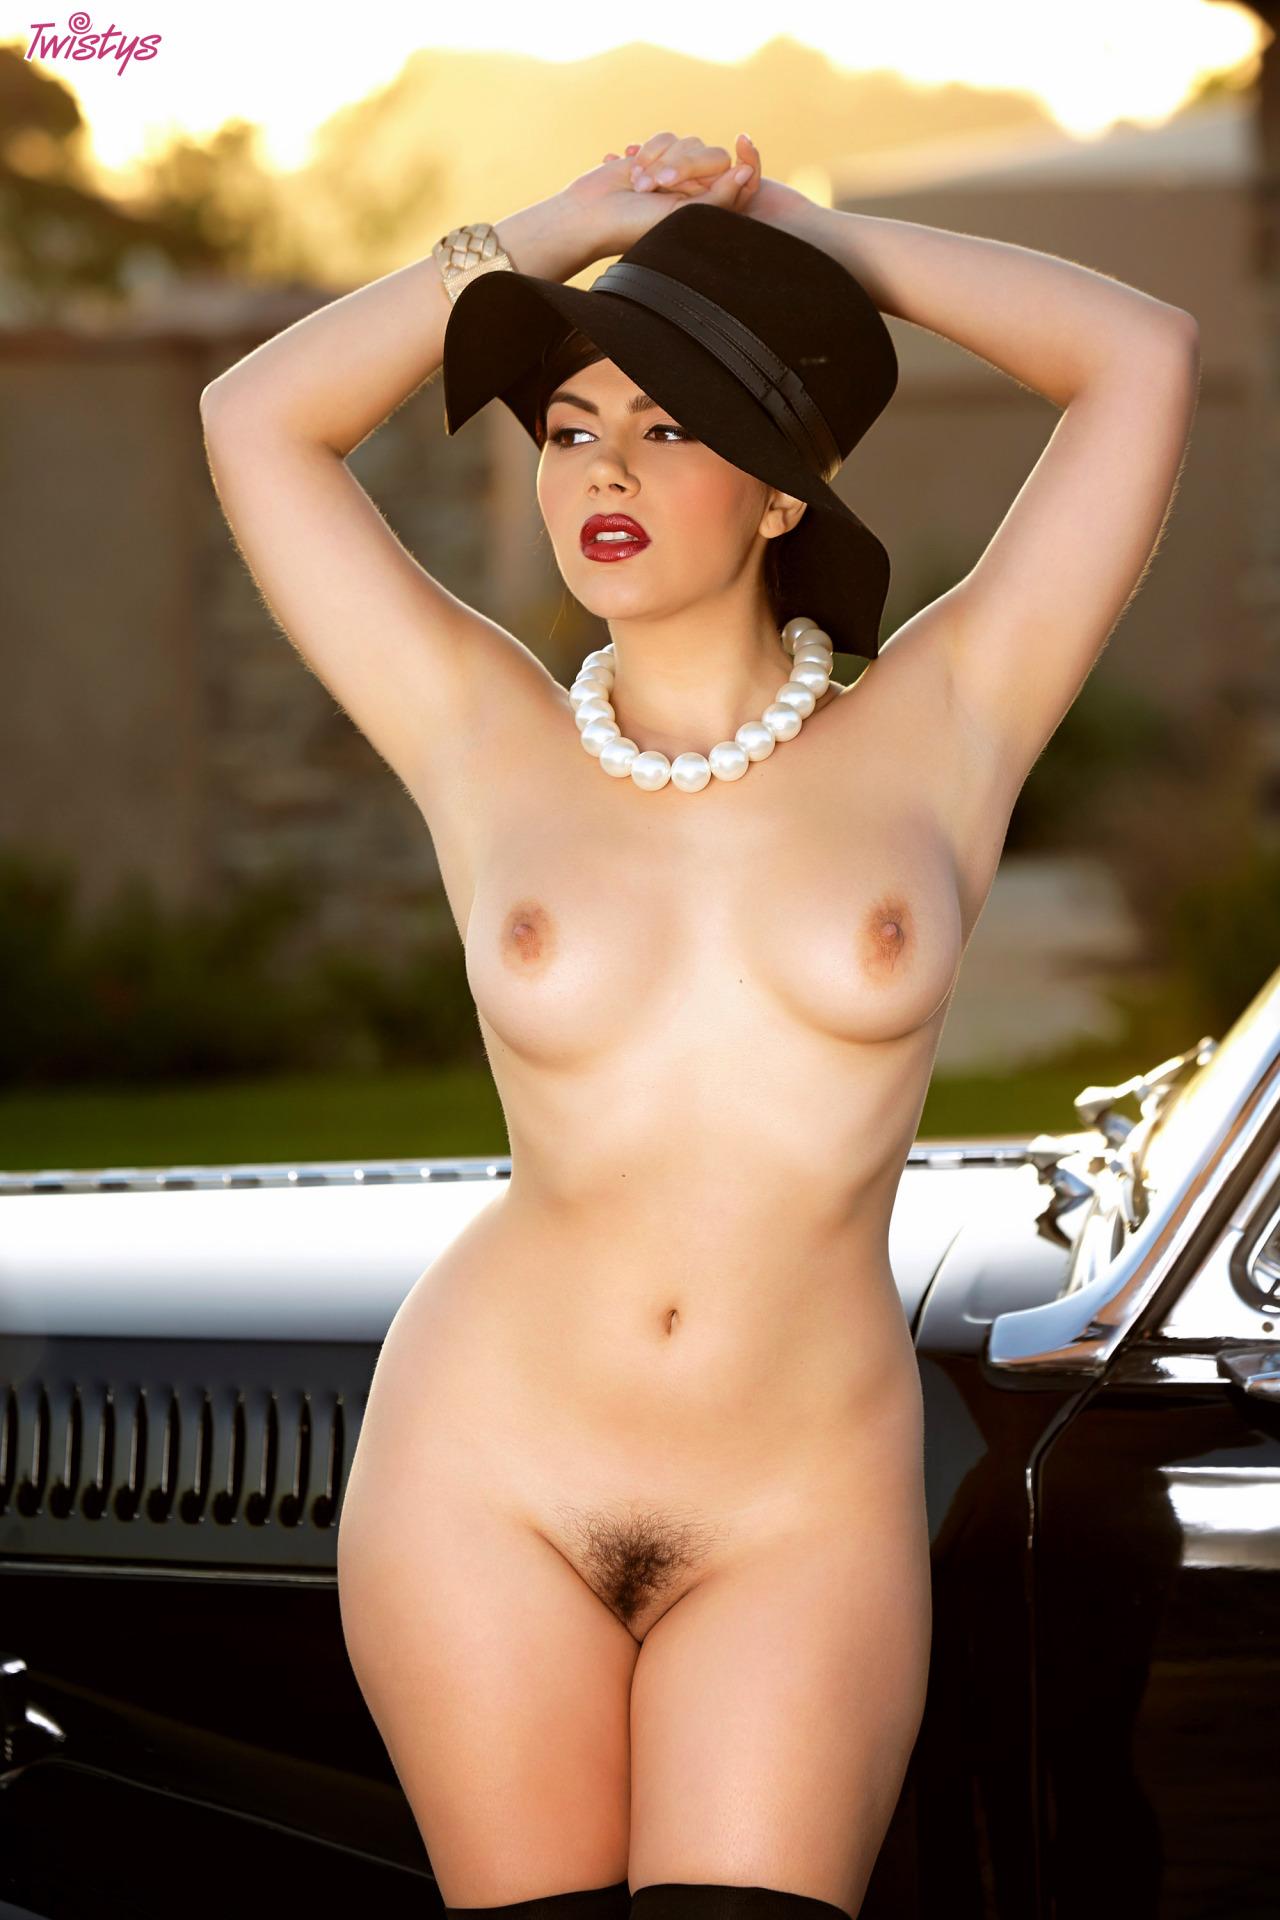 Valentina Nappi For Twistys 8